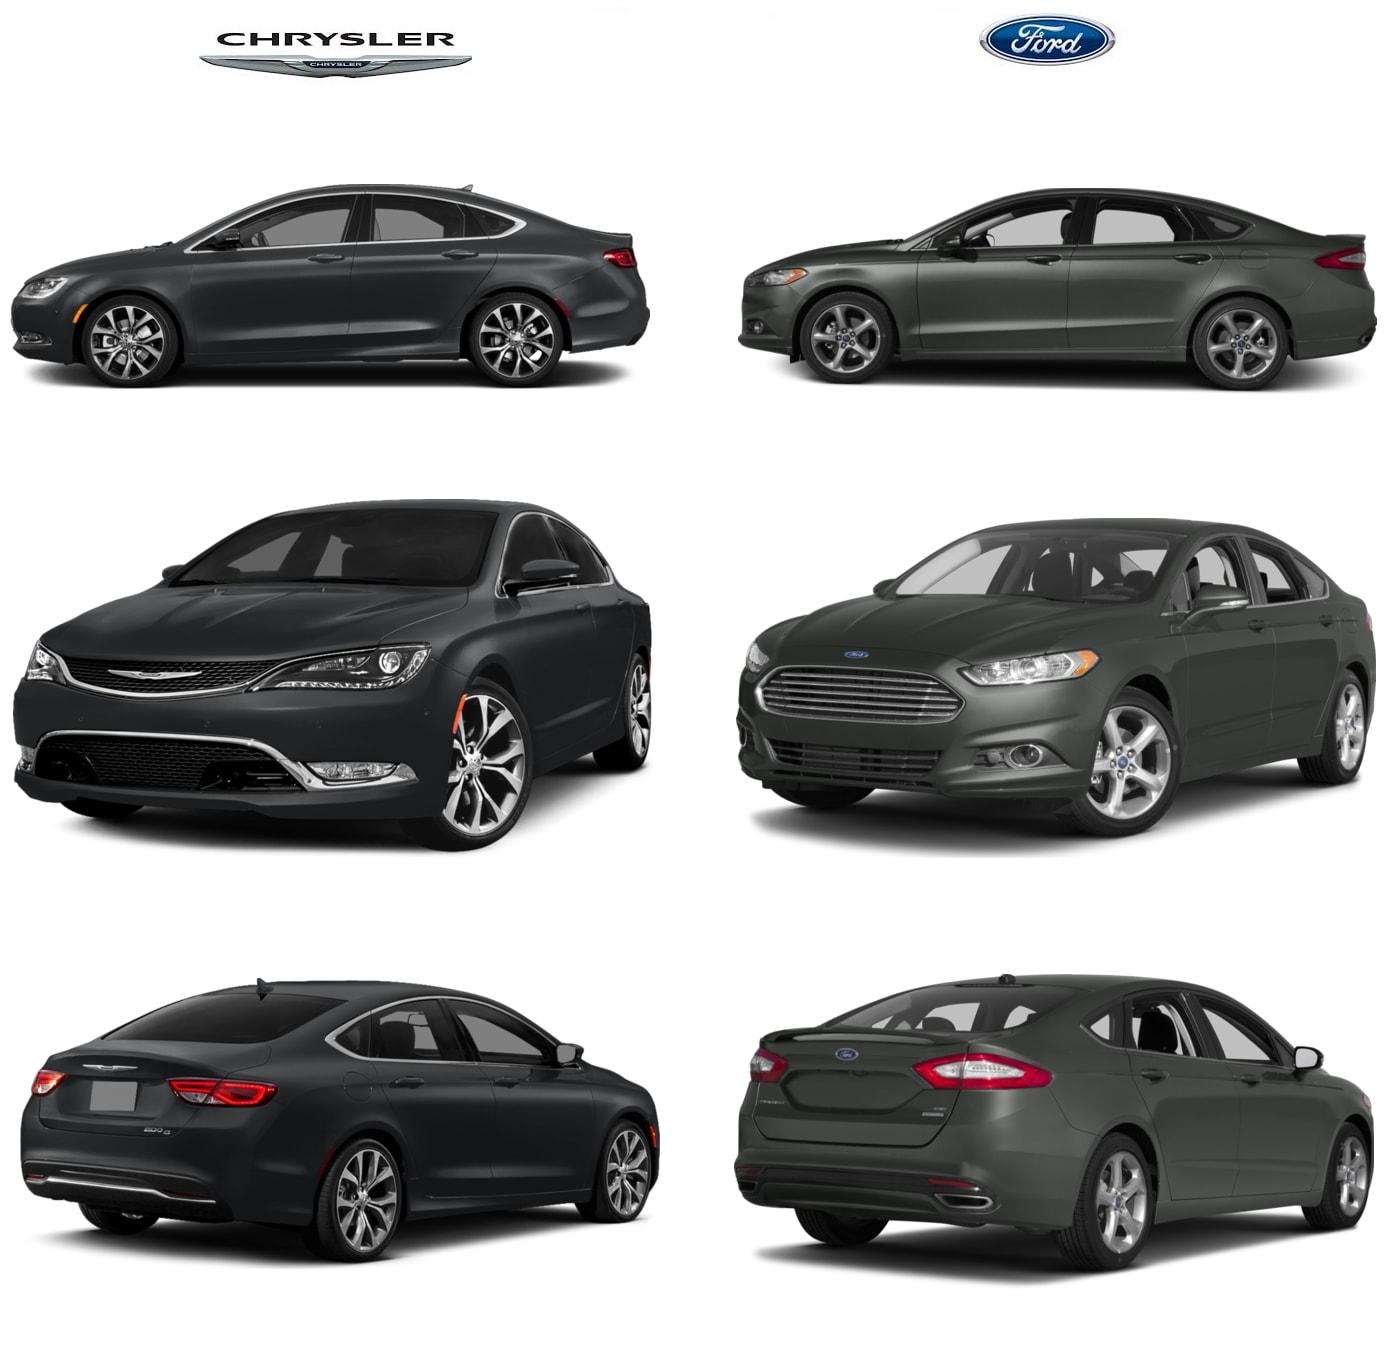 Chrysler 200 vs ford fusion